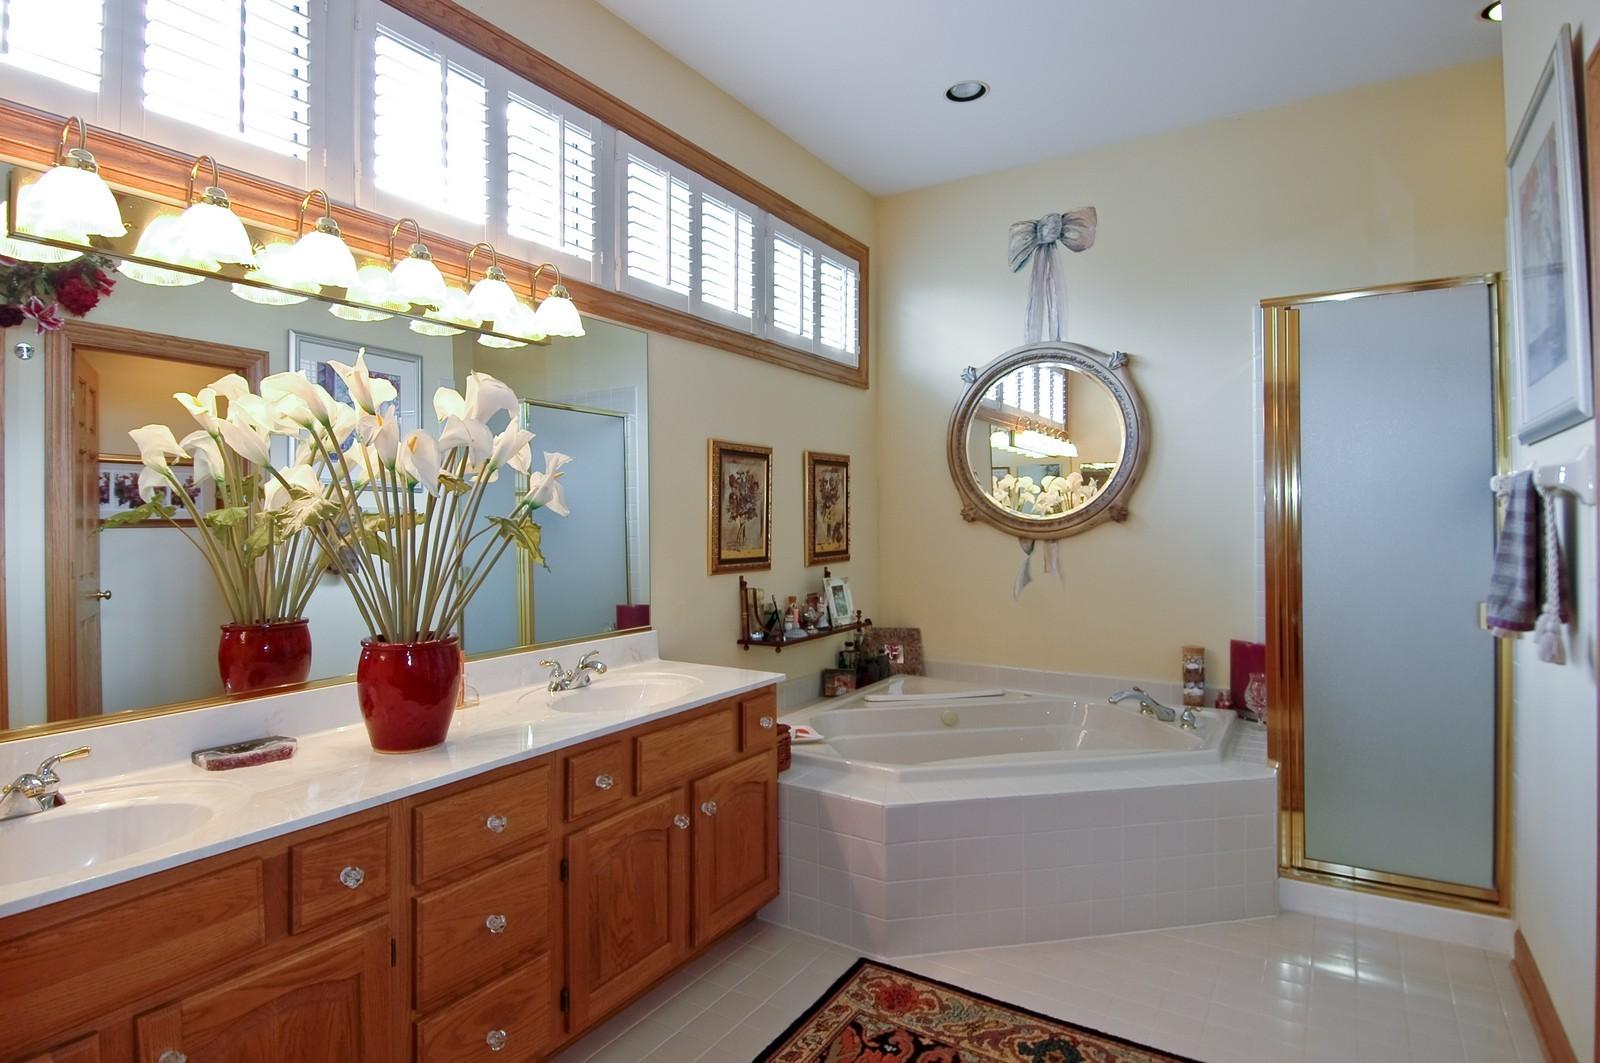 Real Estate Photography - 5 La Costa, Lake in the Hills, IL, 60156 - Master Bathroom